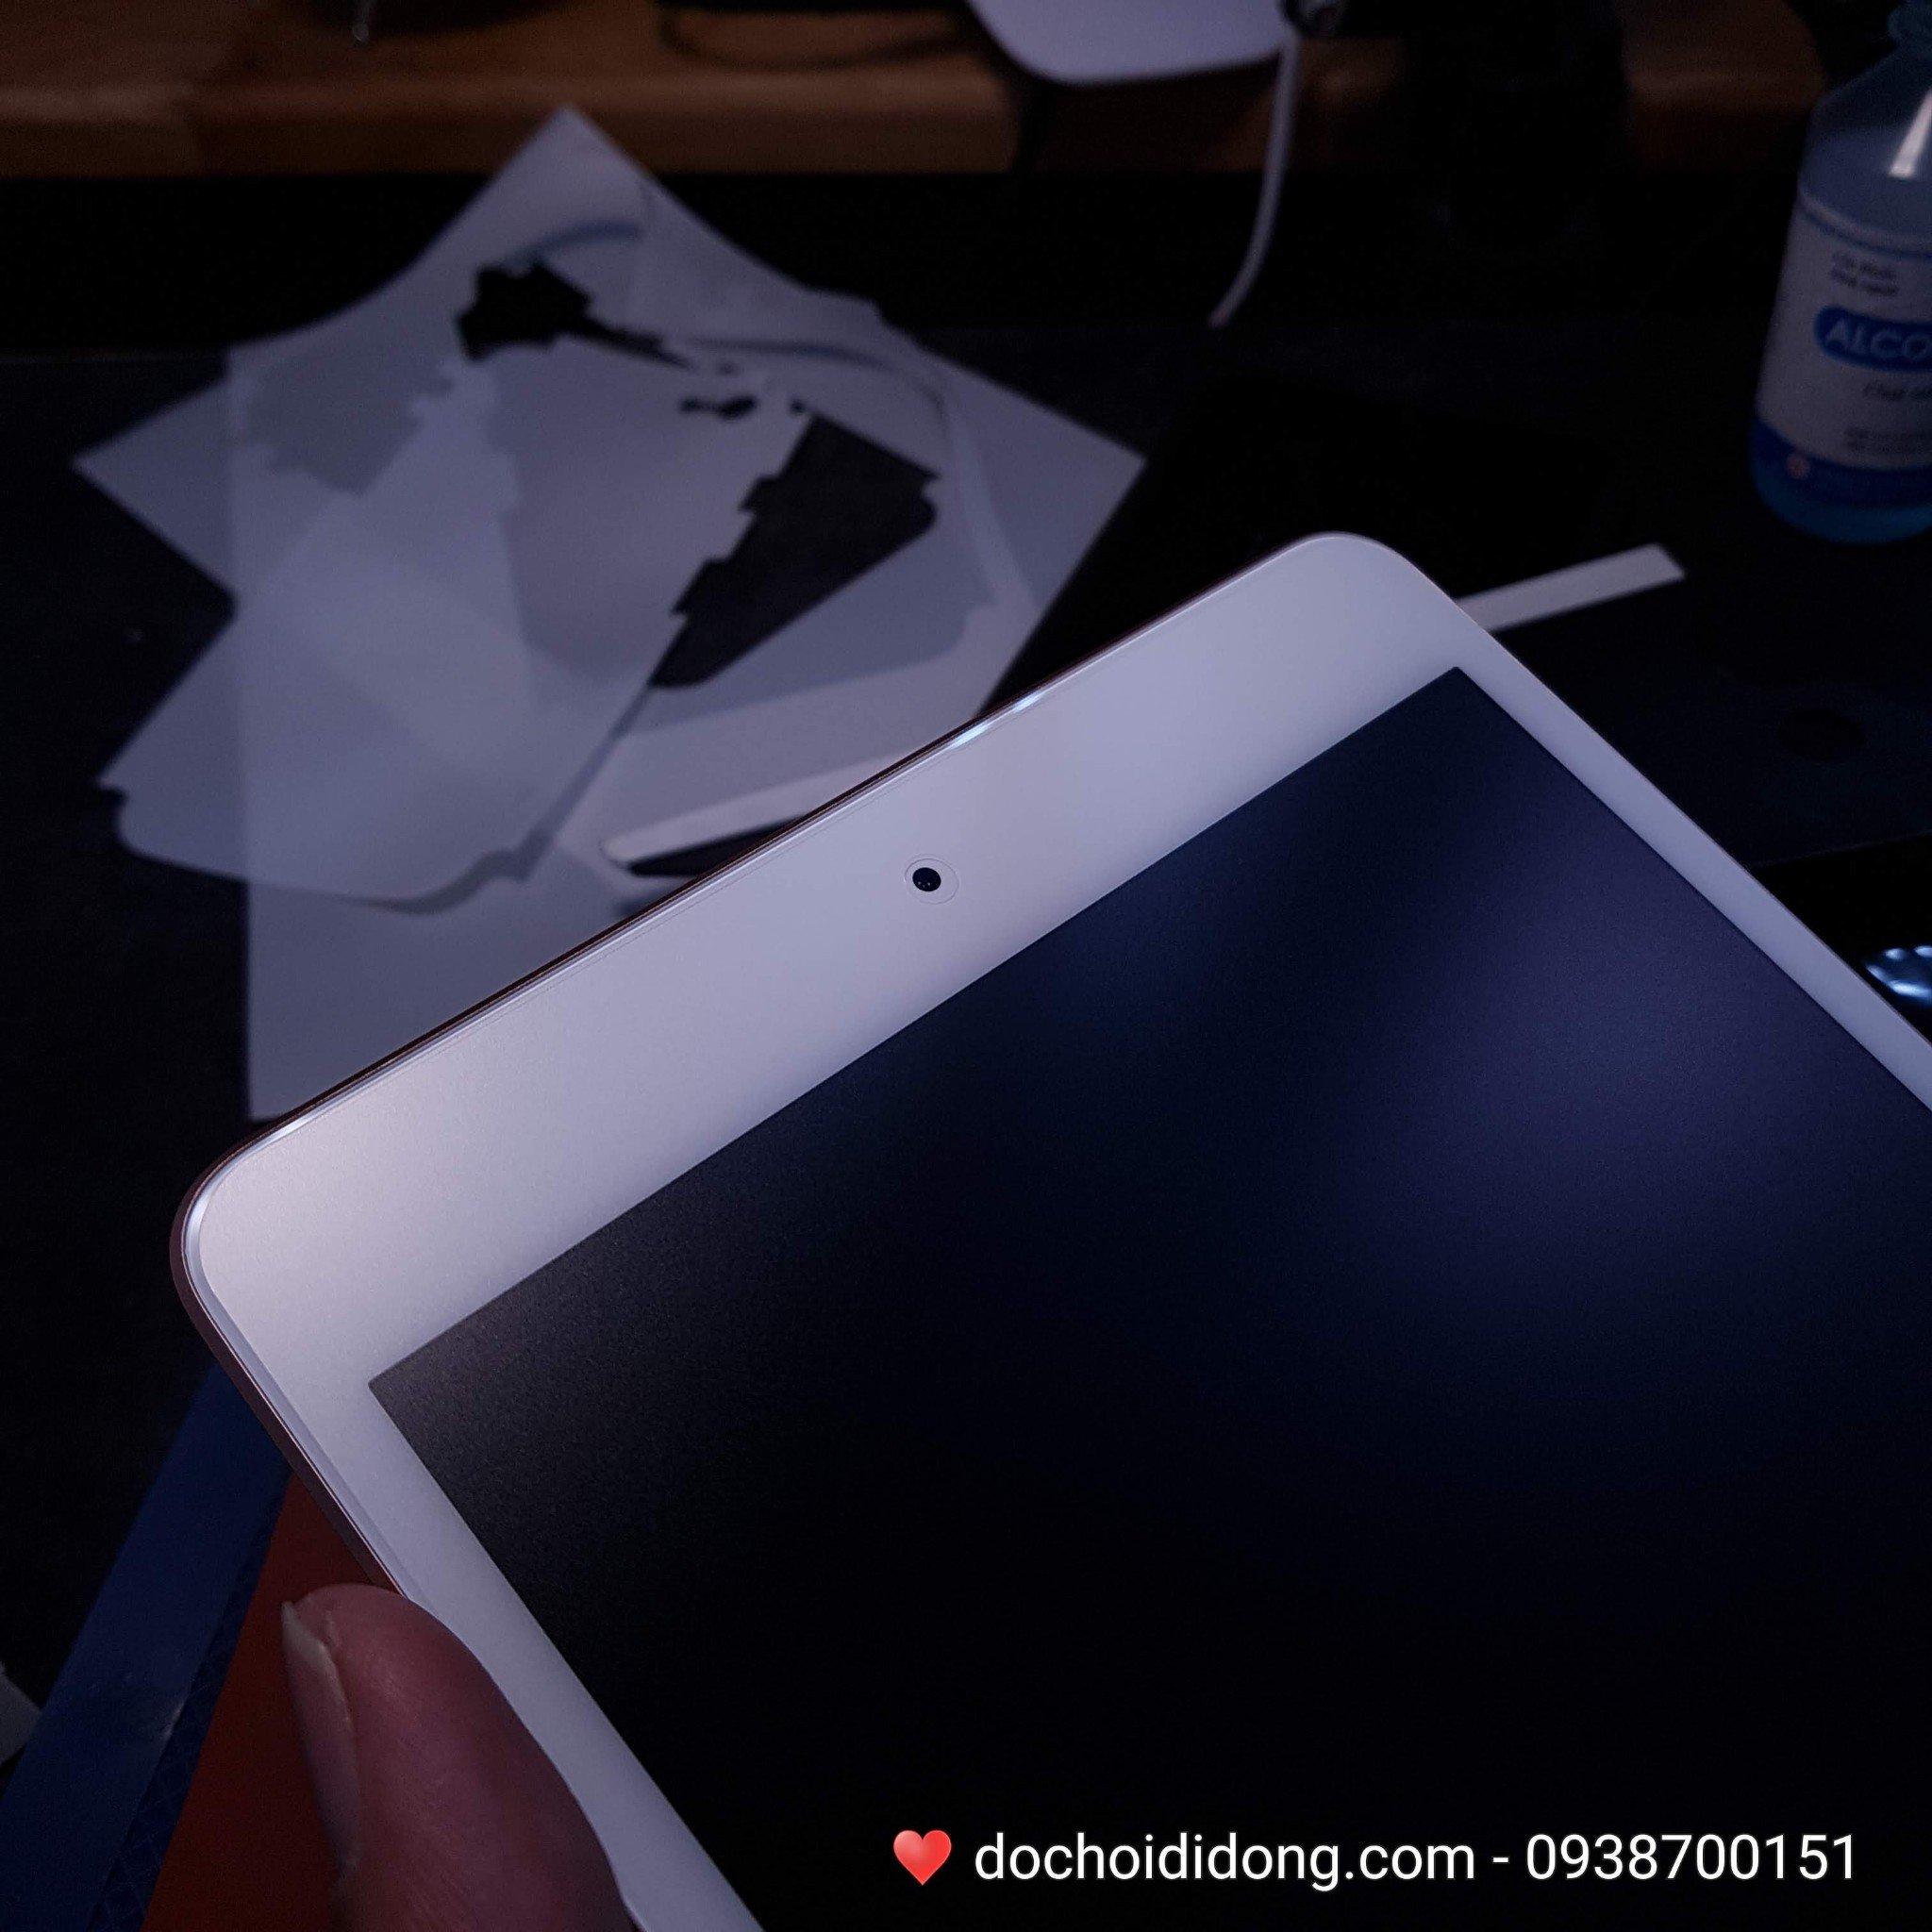 mieng-dan-ppf-paper-like-nillkin-ipad-mini-4-5-9-7-10-2-10-5-11-12-9-cac-doi-chong-van-tay